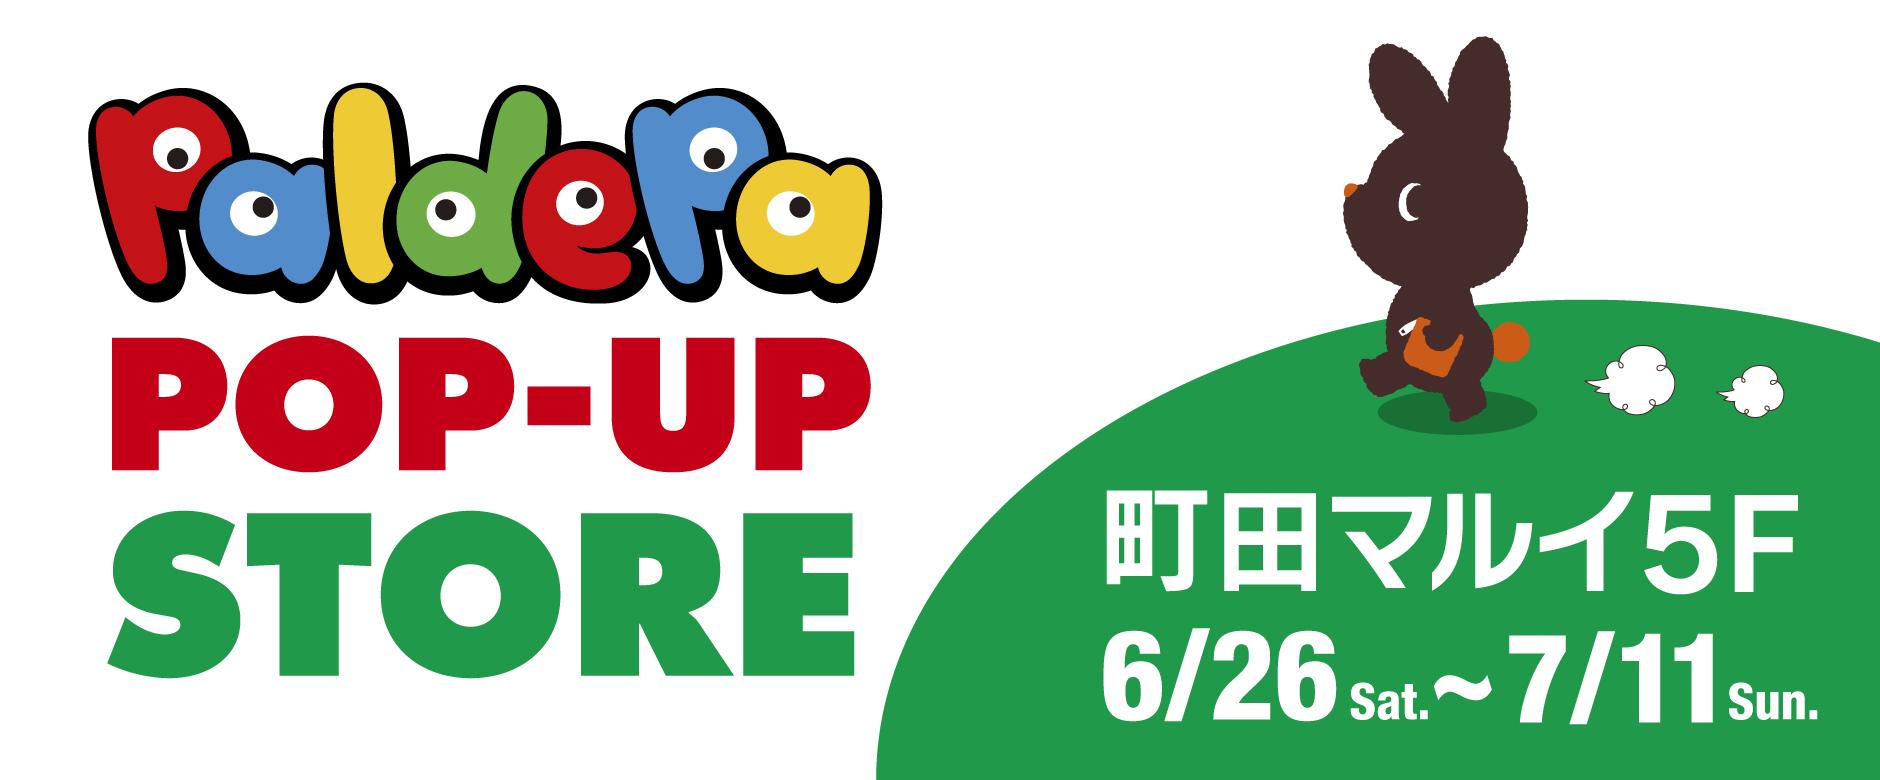 期間限定 paldepa POPUPストア in 町田マルイ